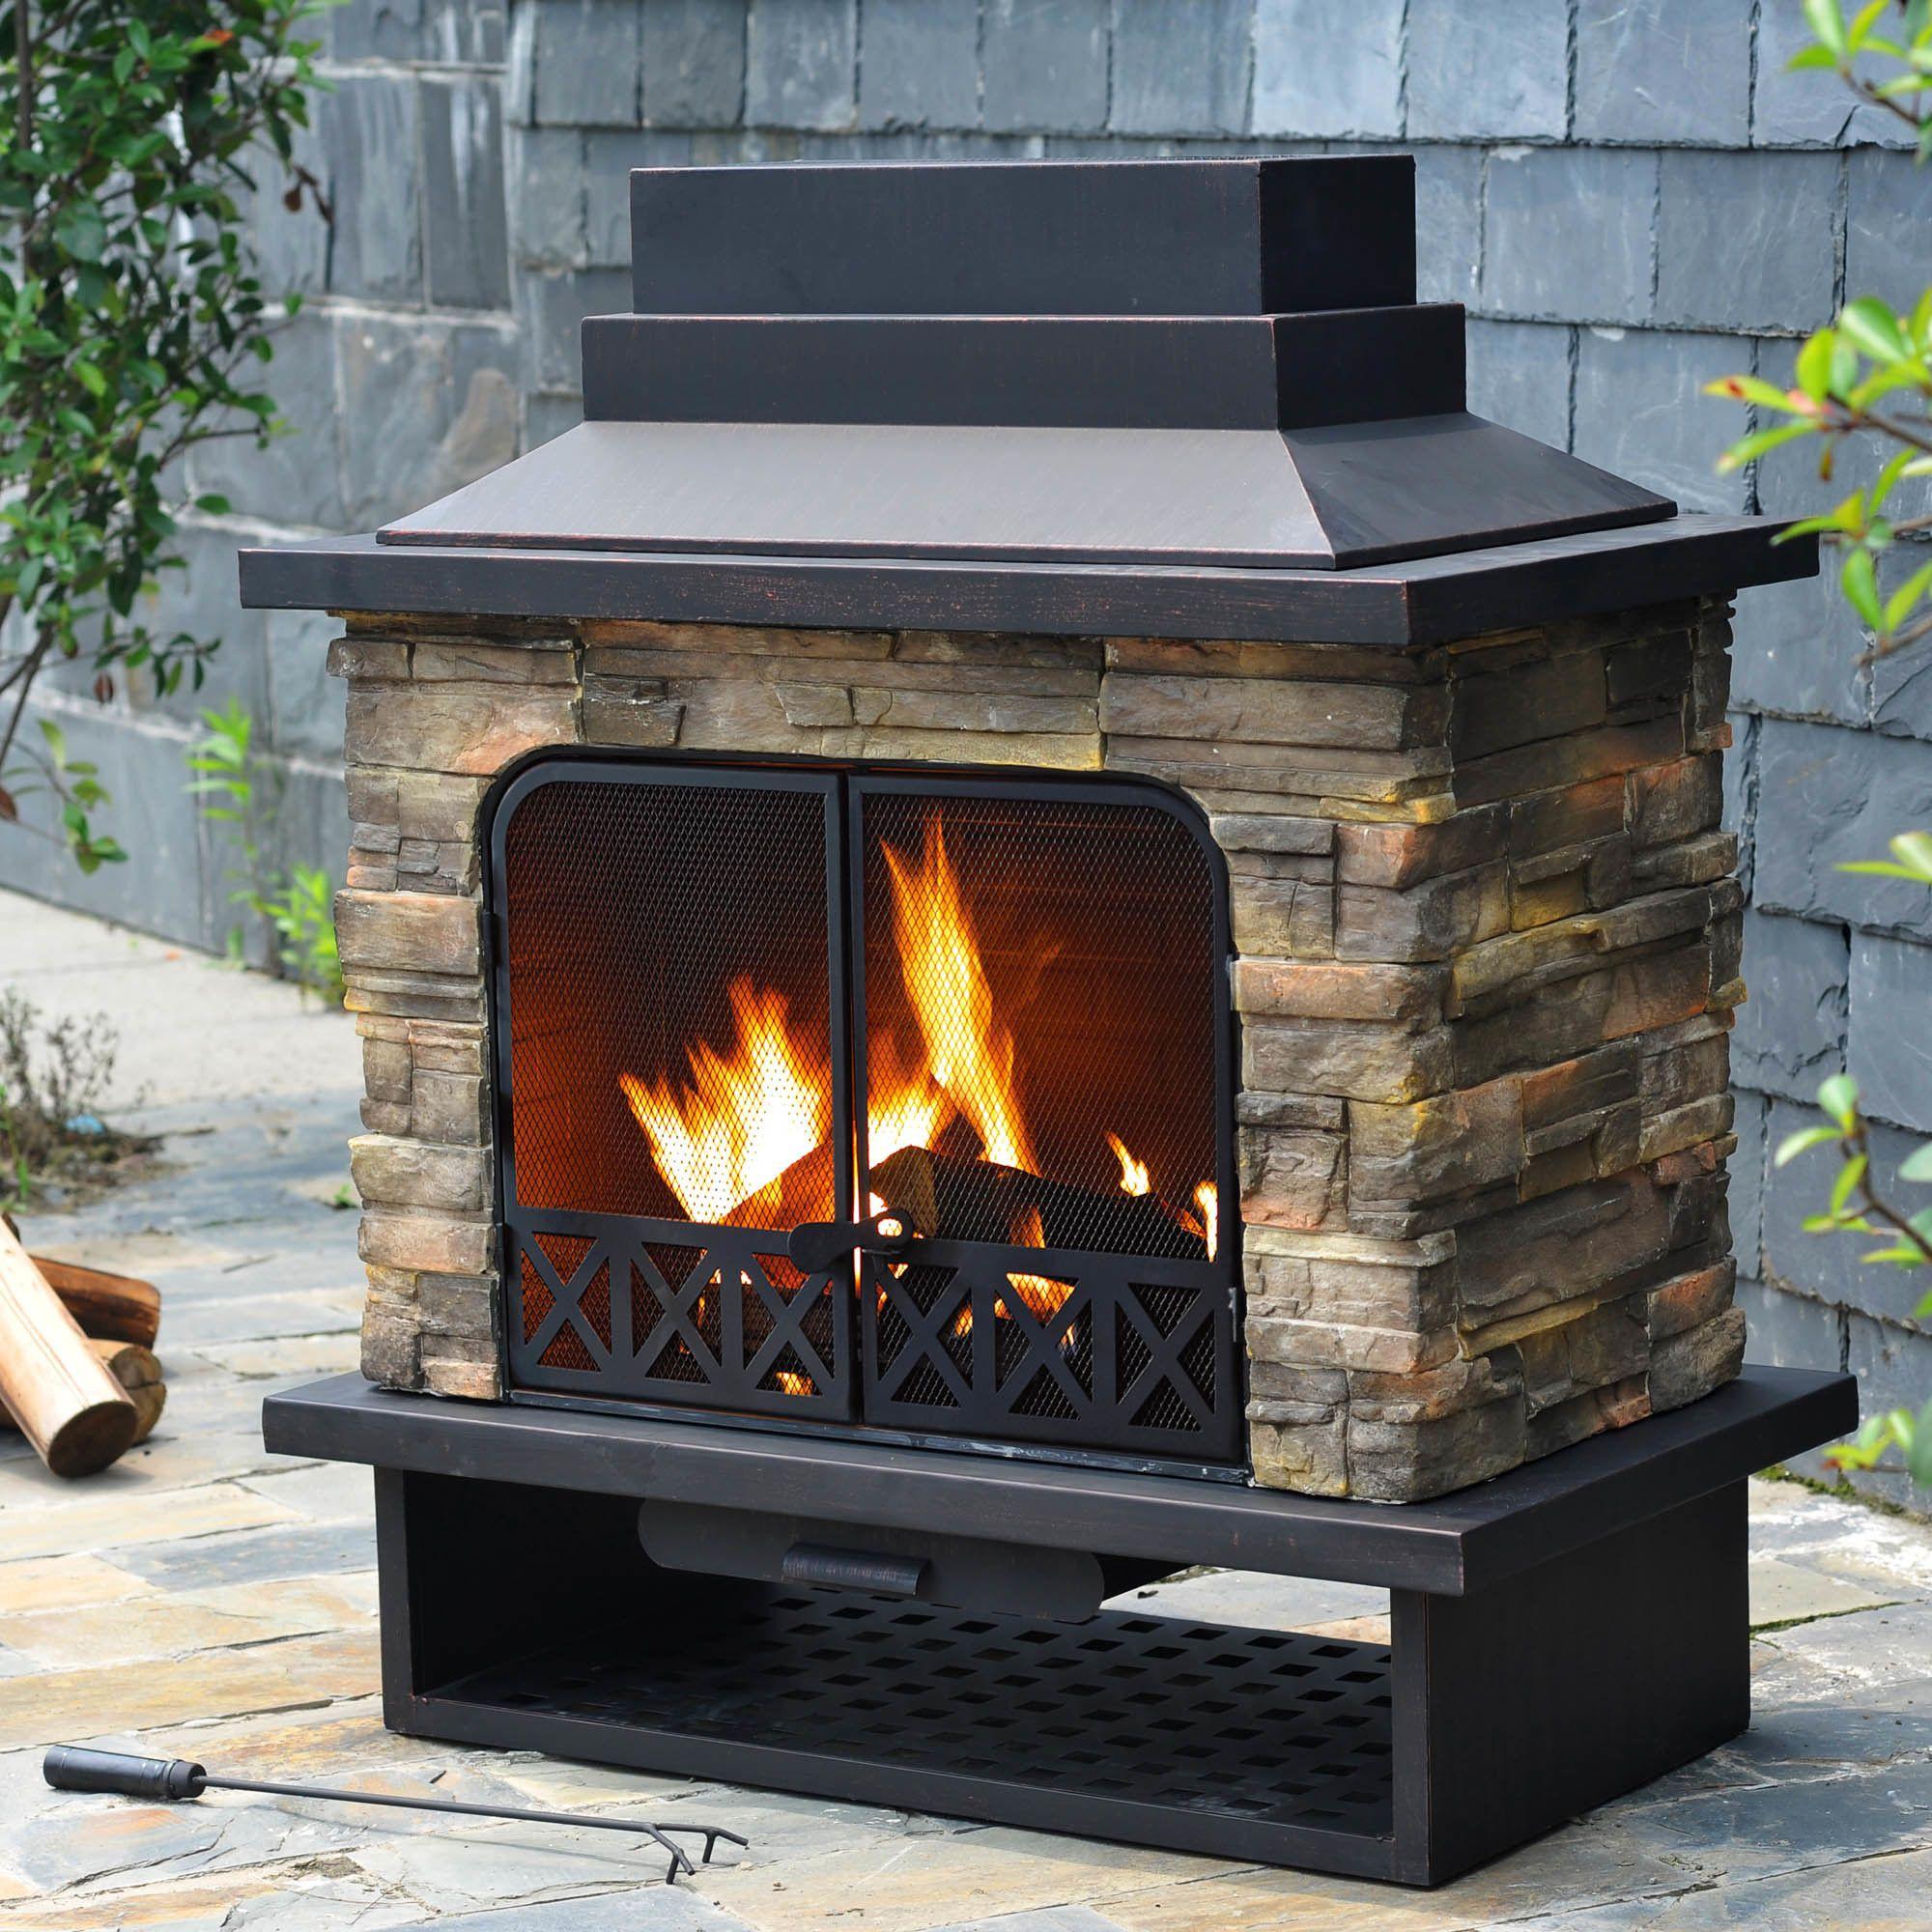 Sunjoy Felicia Steel Wood Outdoor Fireplace Reviews Wayfair Ulichnyj Kamin Besedka Patio Na Otkrytom Vozduhe